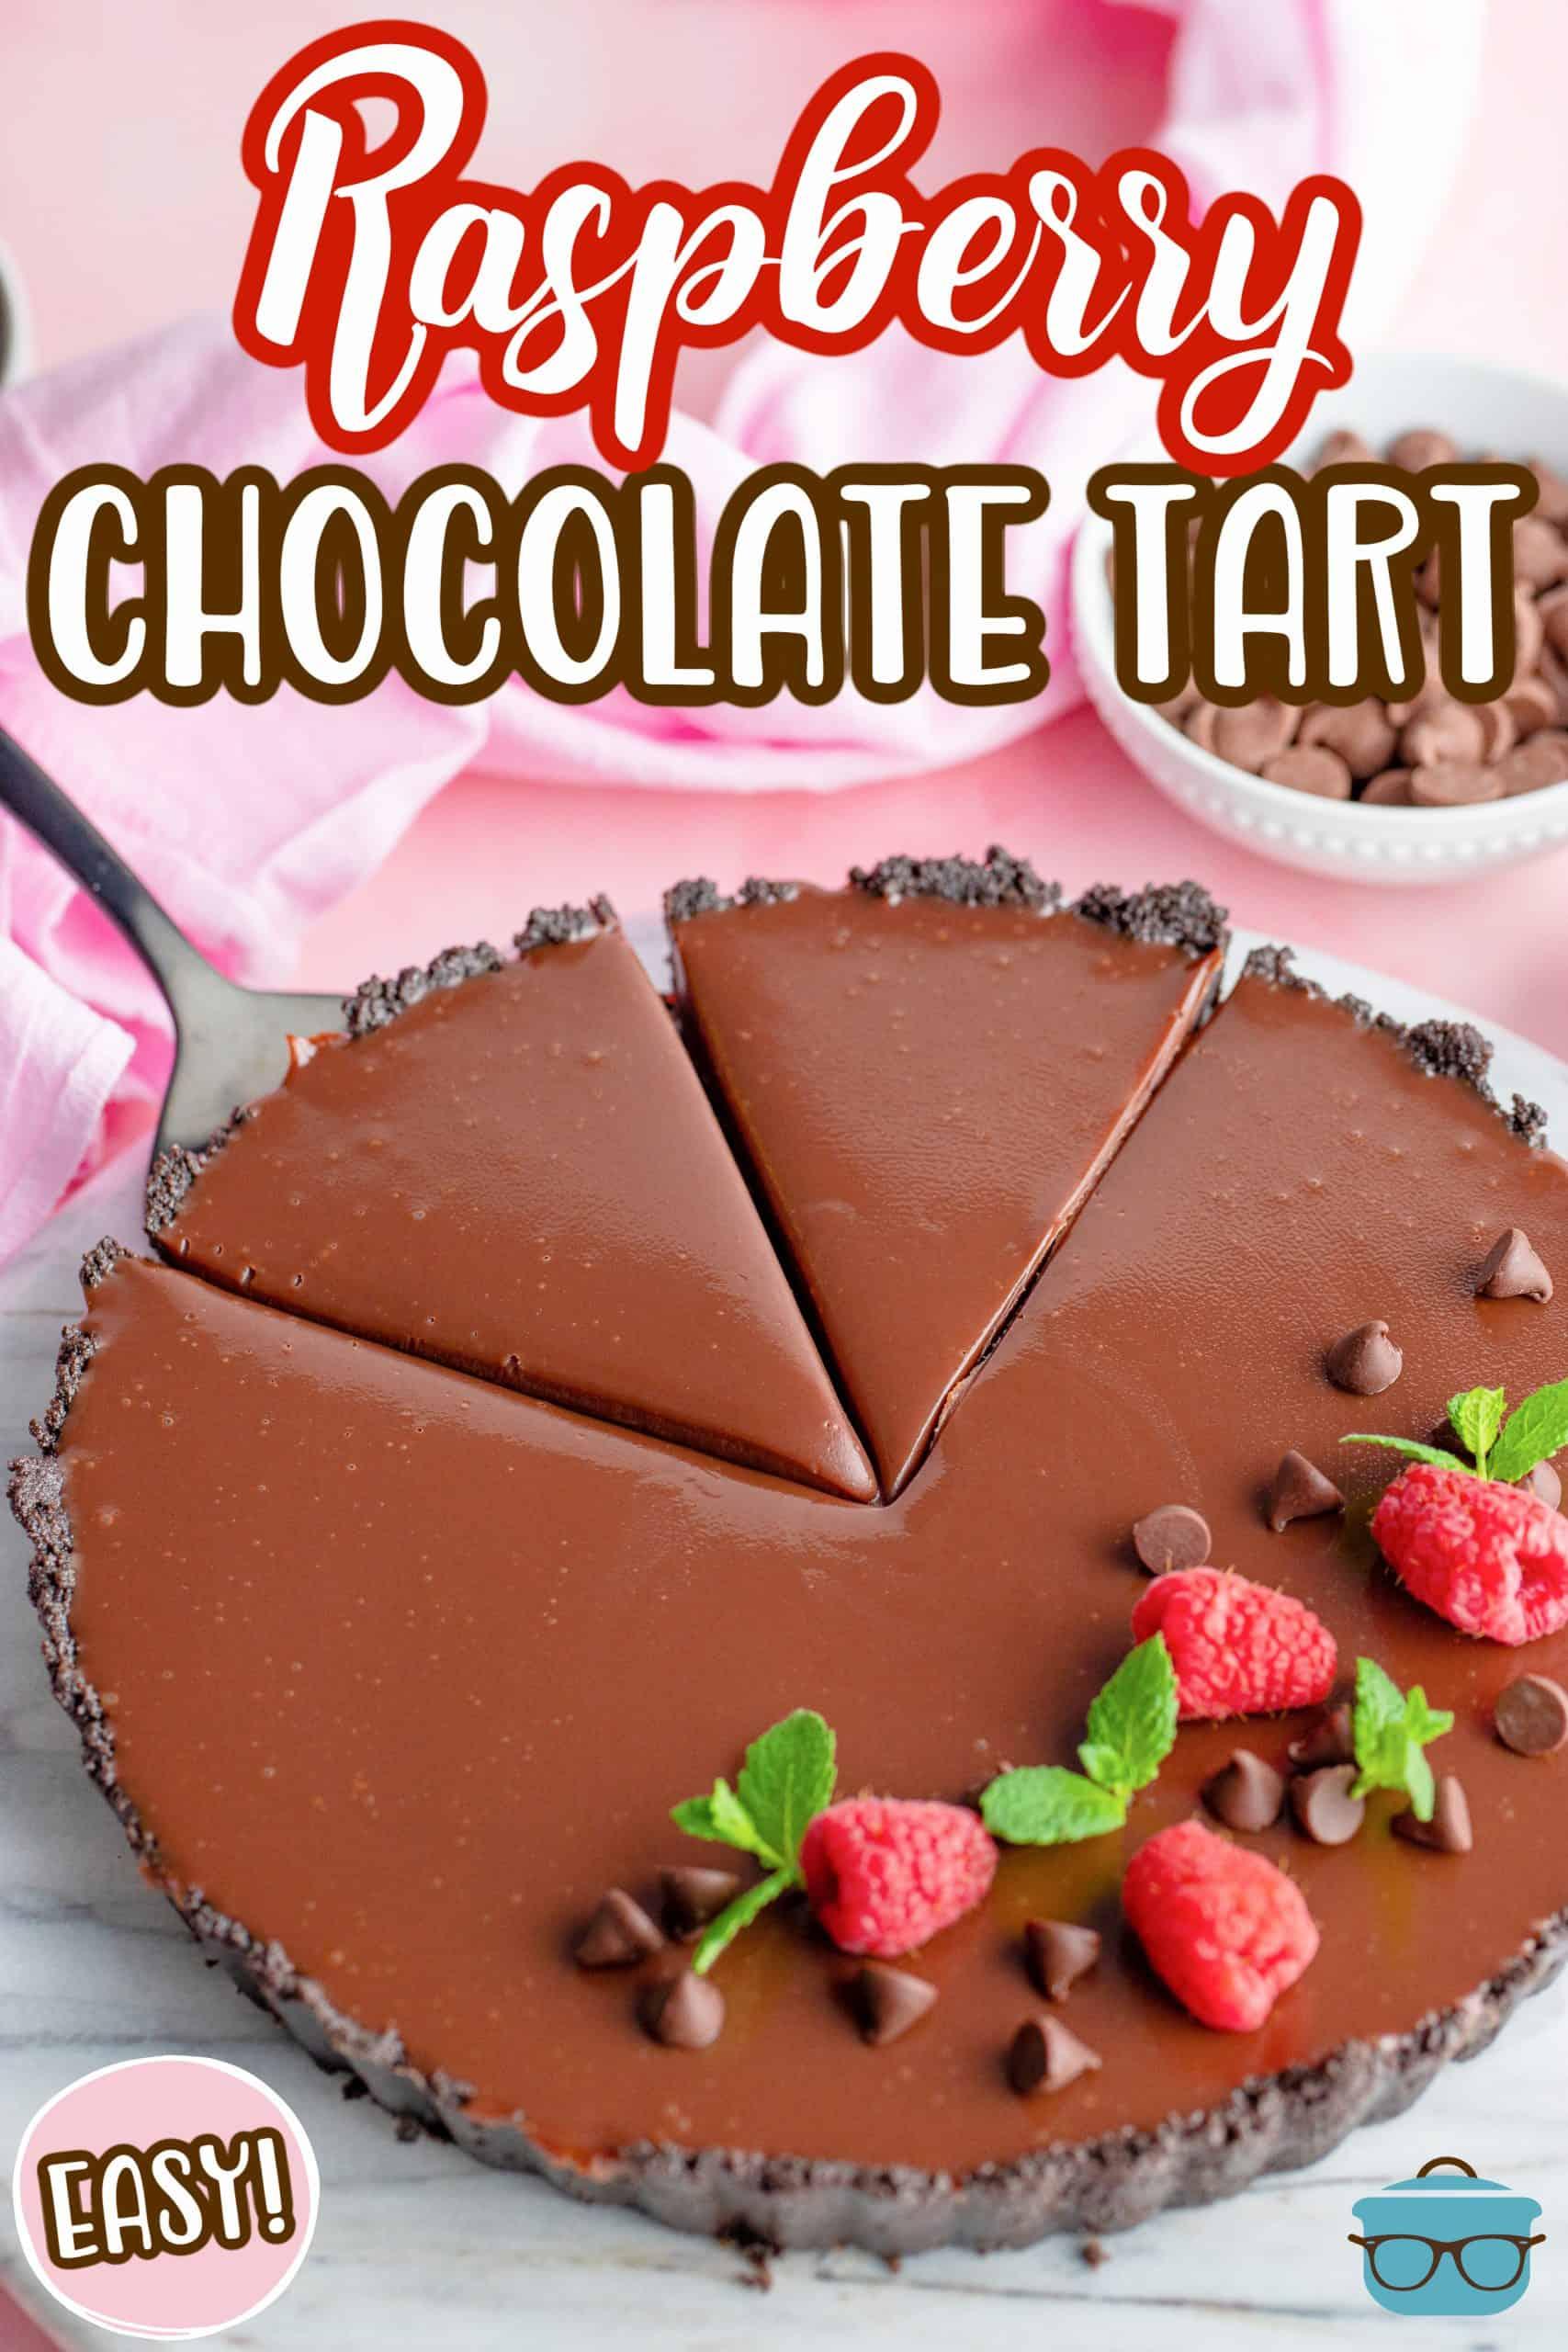 Com ingredientes prontamente disponíveis, esta Torta de Chocolate Easy Raspberry está cheia de Oreos esmagados, conservas de framboesa e coberta por um ganache de chocolate suave.